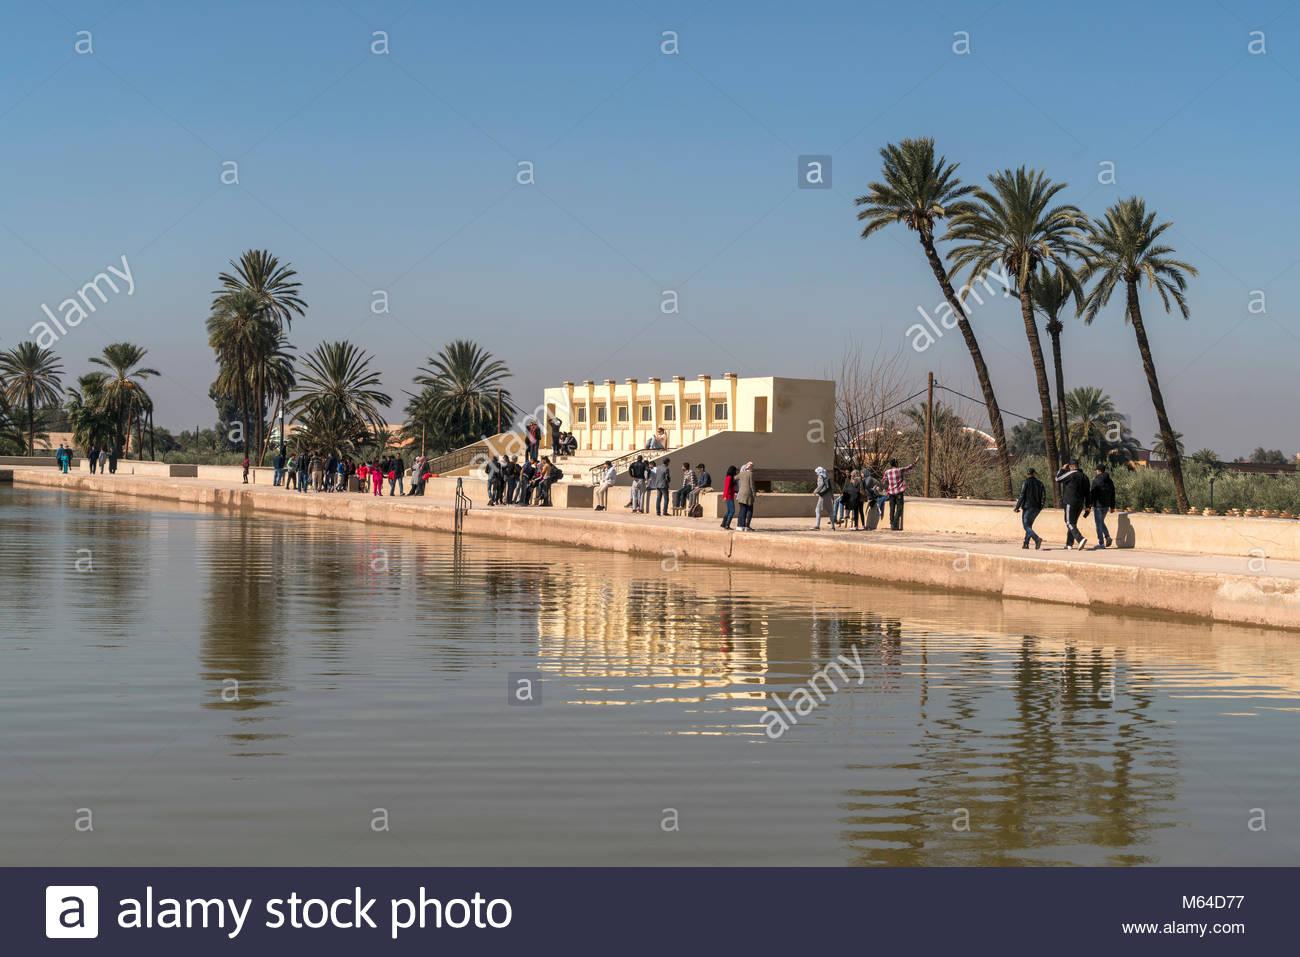 wasserbecken im menara garten marrakesch knigreich marokko afrika M64D77